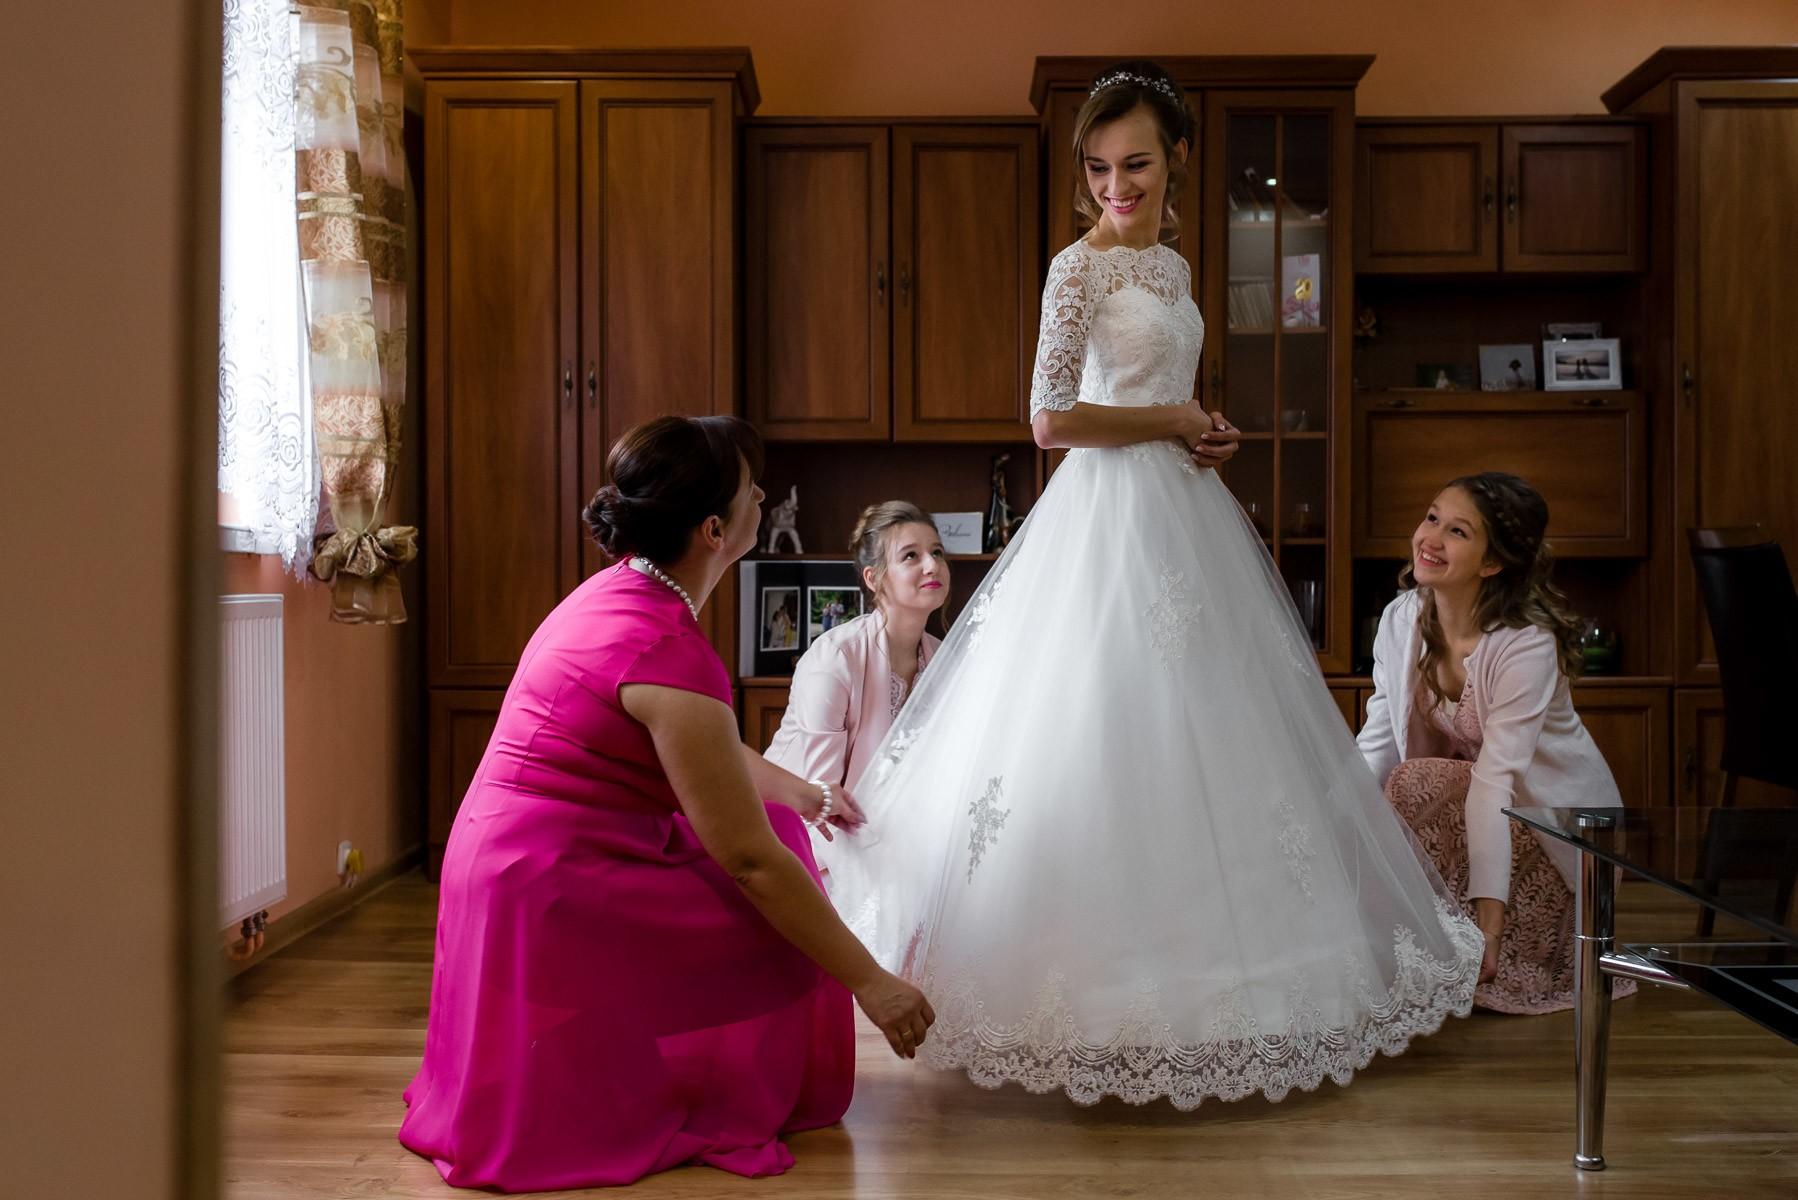 sala na skarpie fotograf slubny slask malopolska adam pietrusiak plener slubny w gorach jw wedding 102